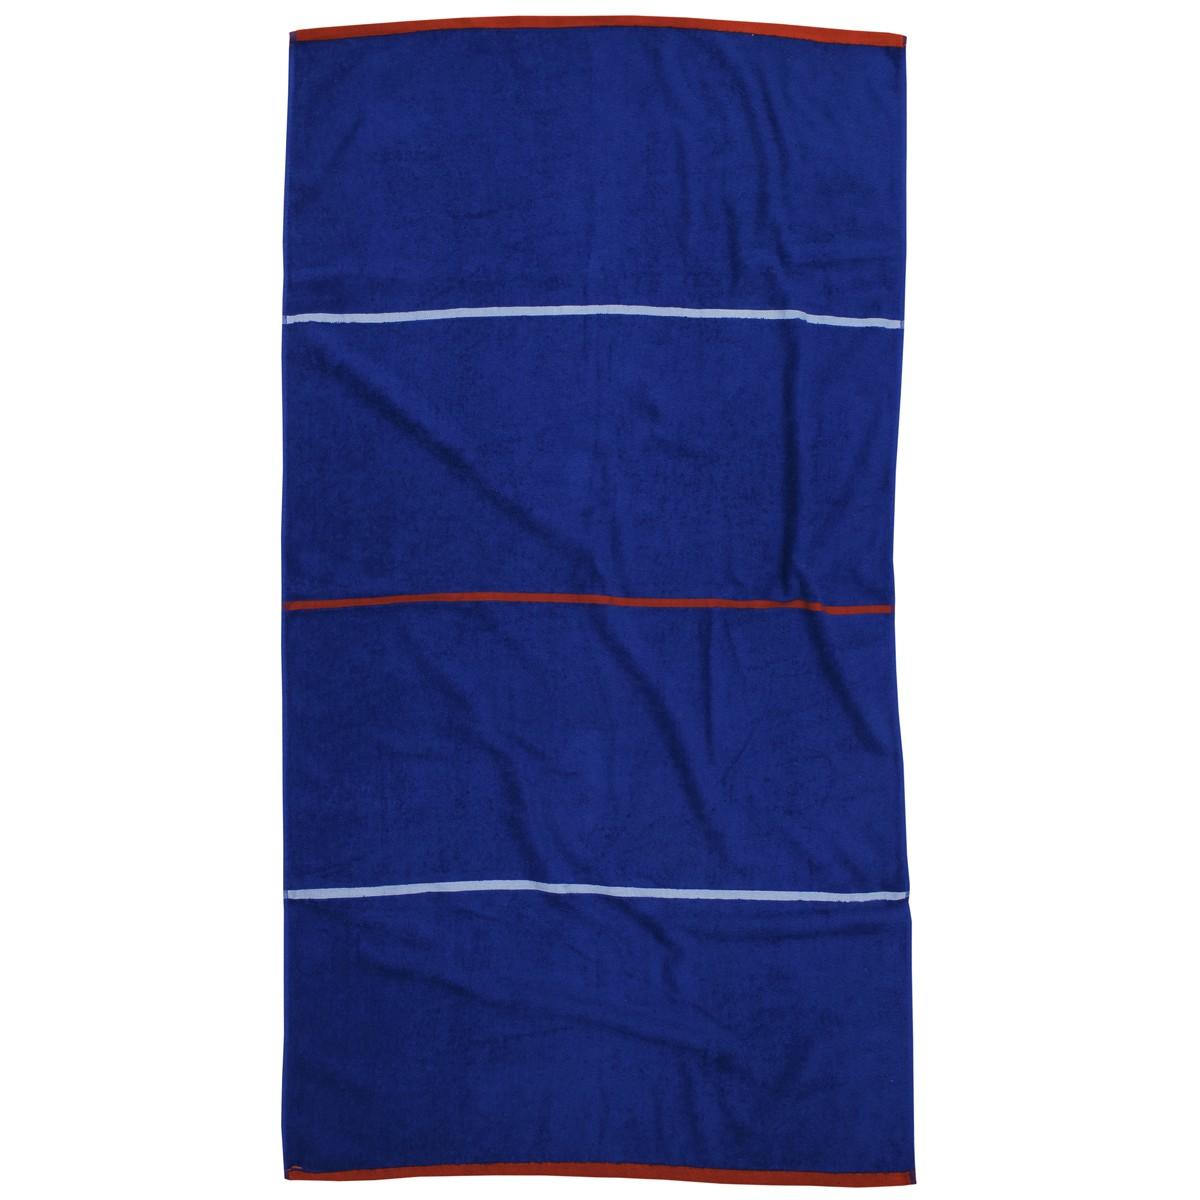 Πετσέτα Θαλάσσης Anna Riska Paros Navy Blue